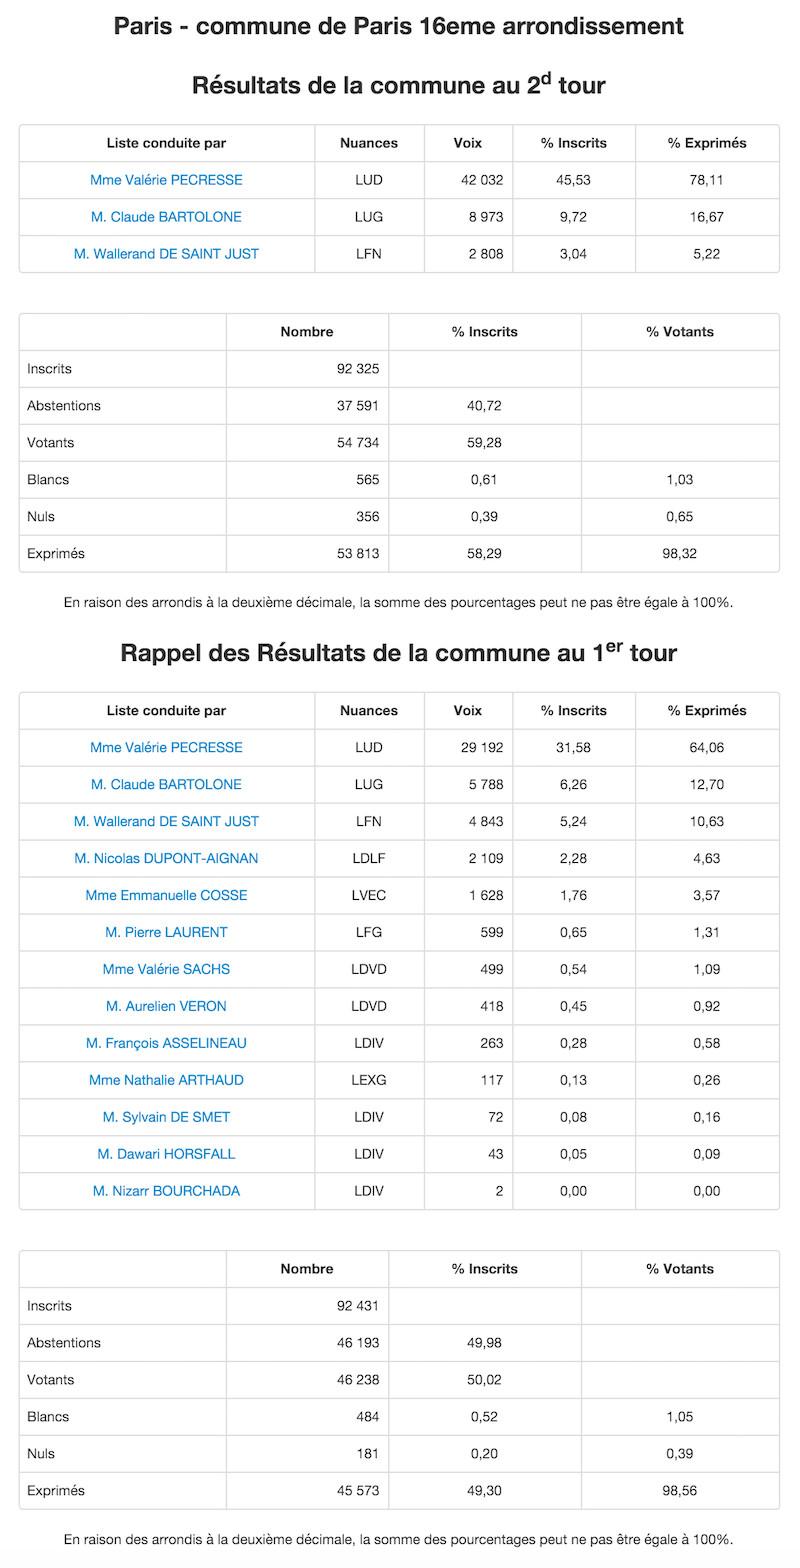 Régionales 2015 - 2nd et 1er tour dans le 16e arrondissement © Ministère de l'Intérieur